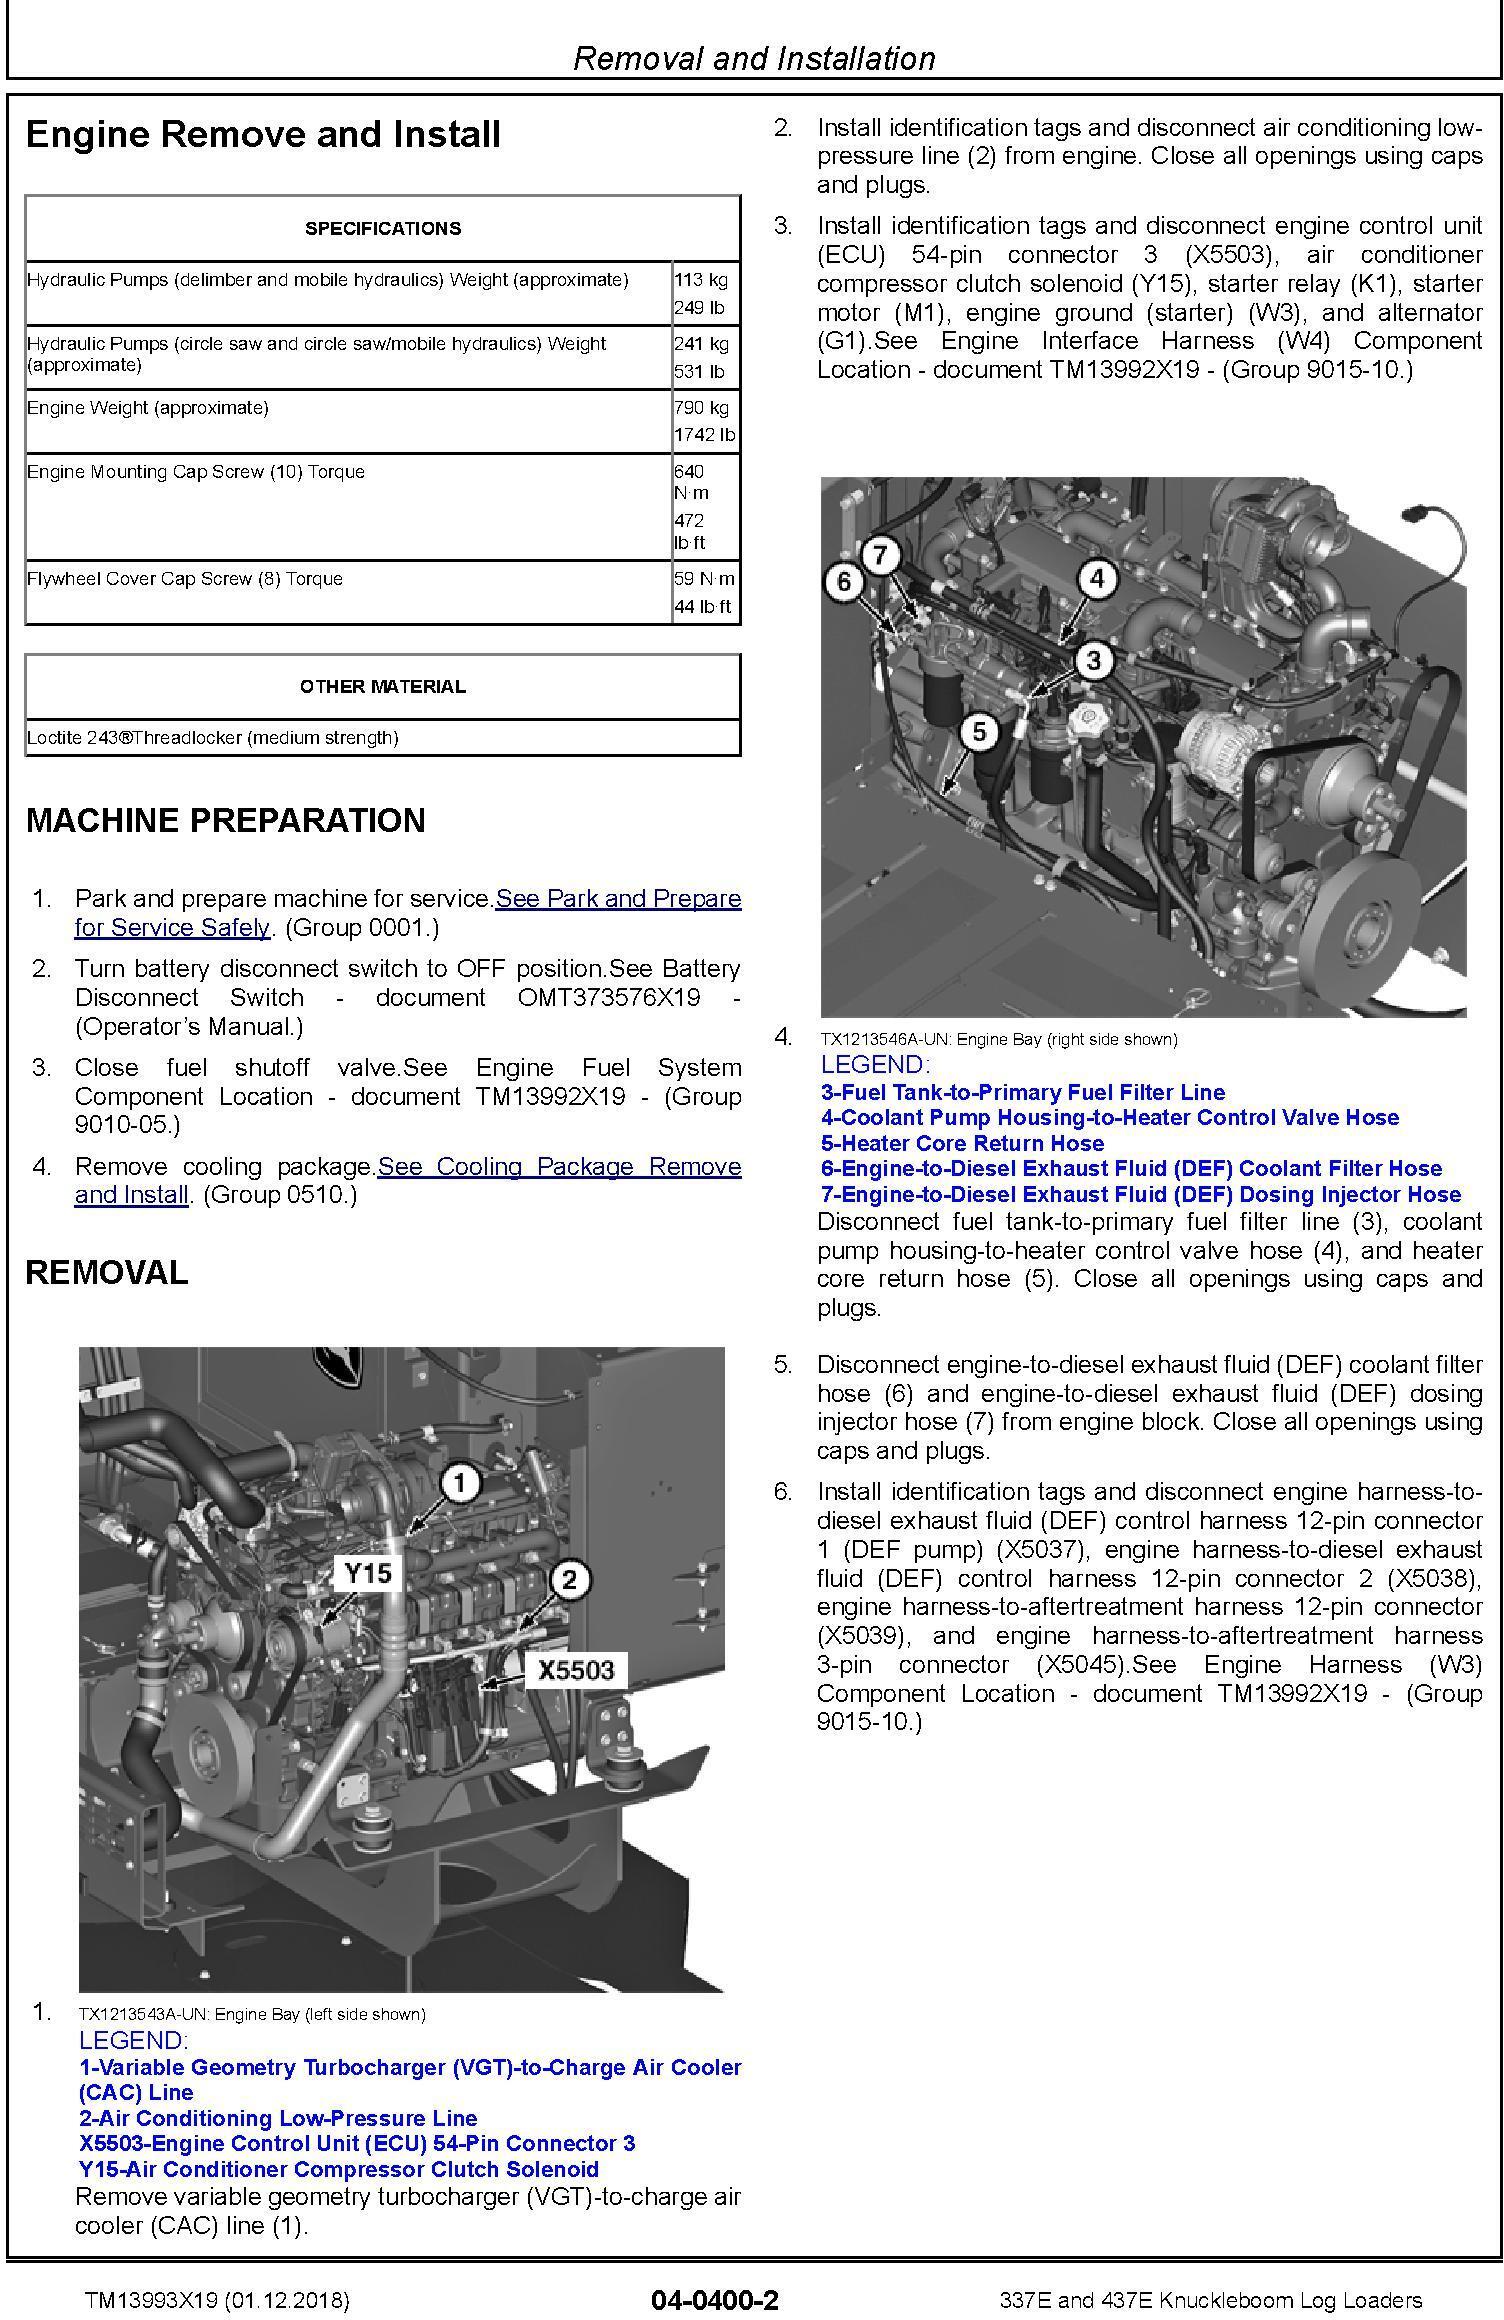 John Deere 337E, 437E (SN.F291461-) Knuckleboom Log Loaders Repair Manual (TM13993X19) - 2